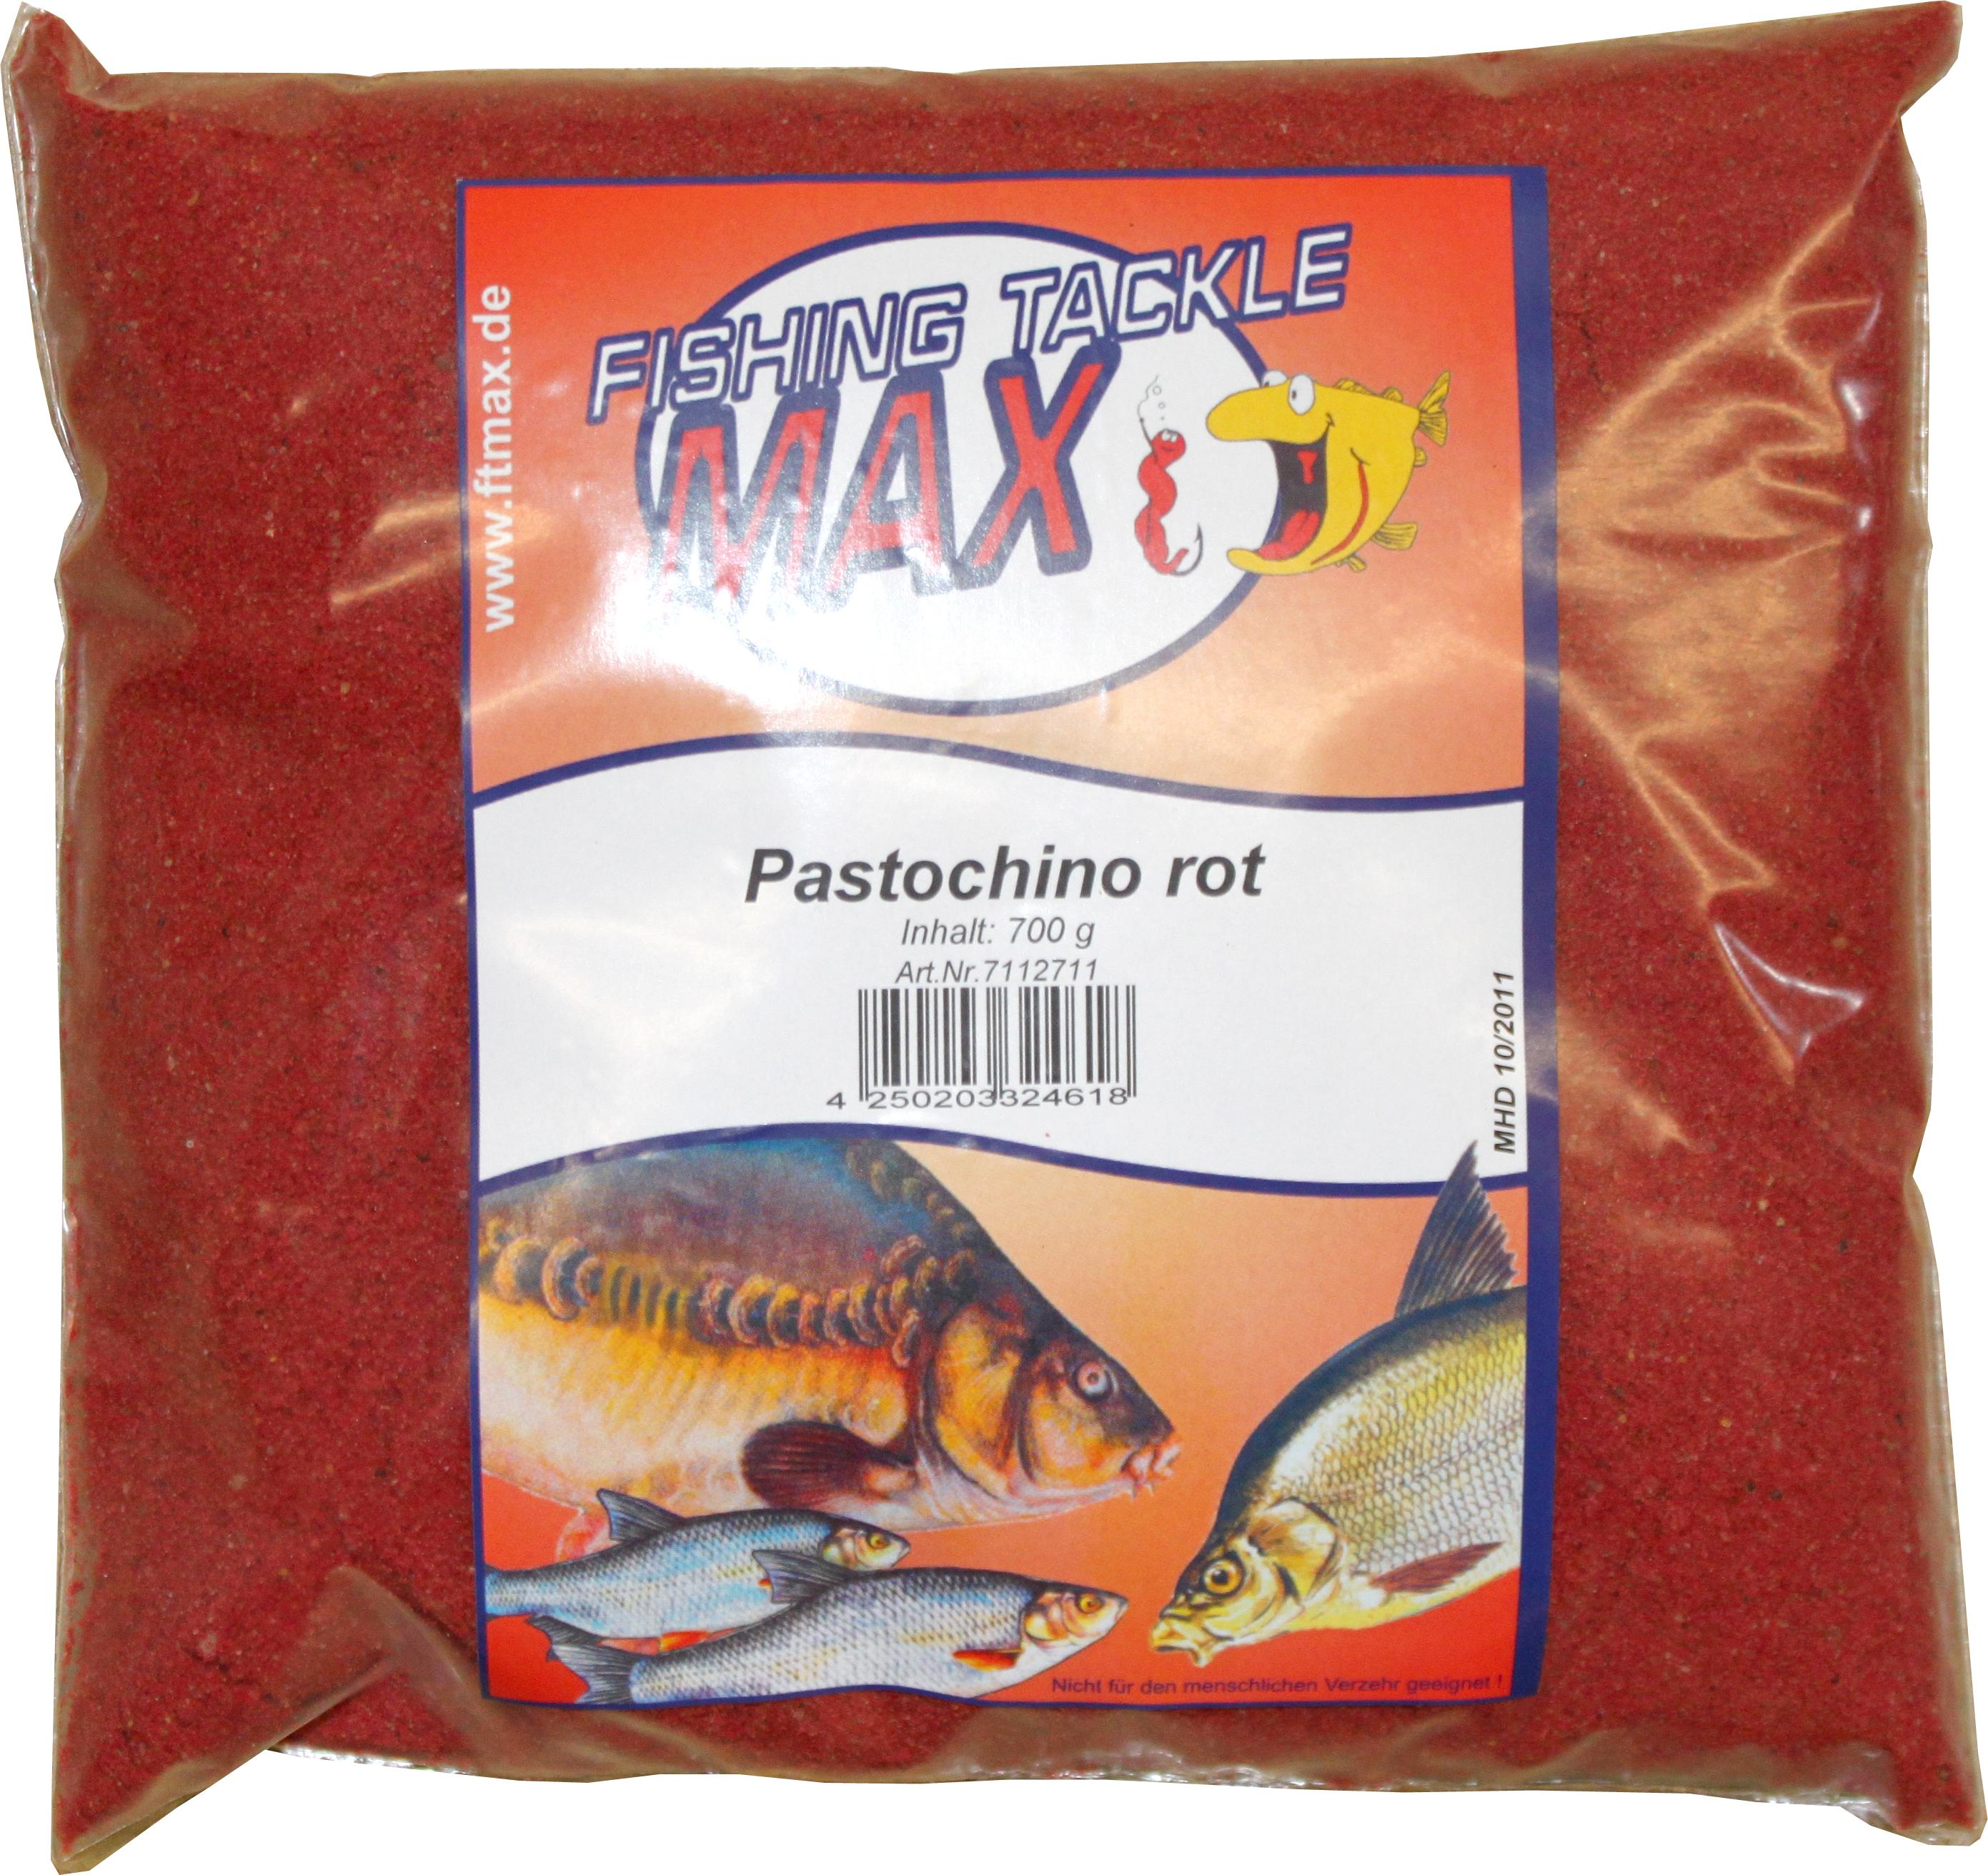 Pastochino